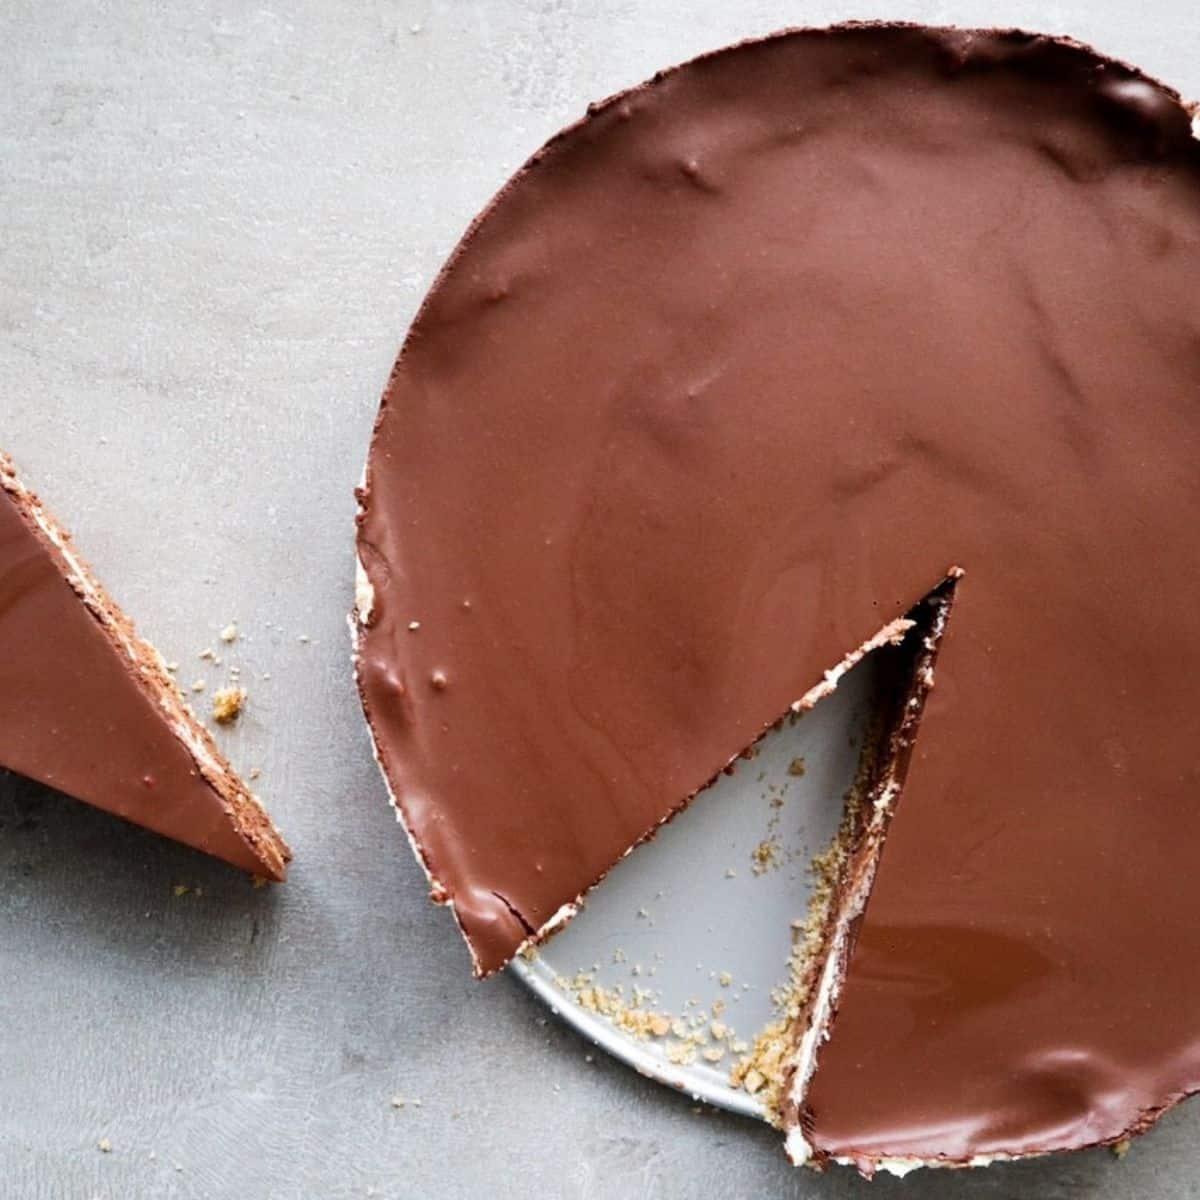 chocolade cheesecake op een schaal